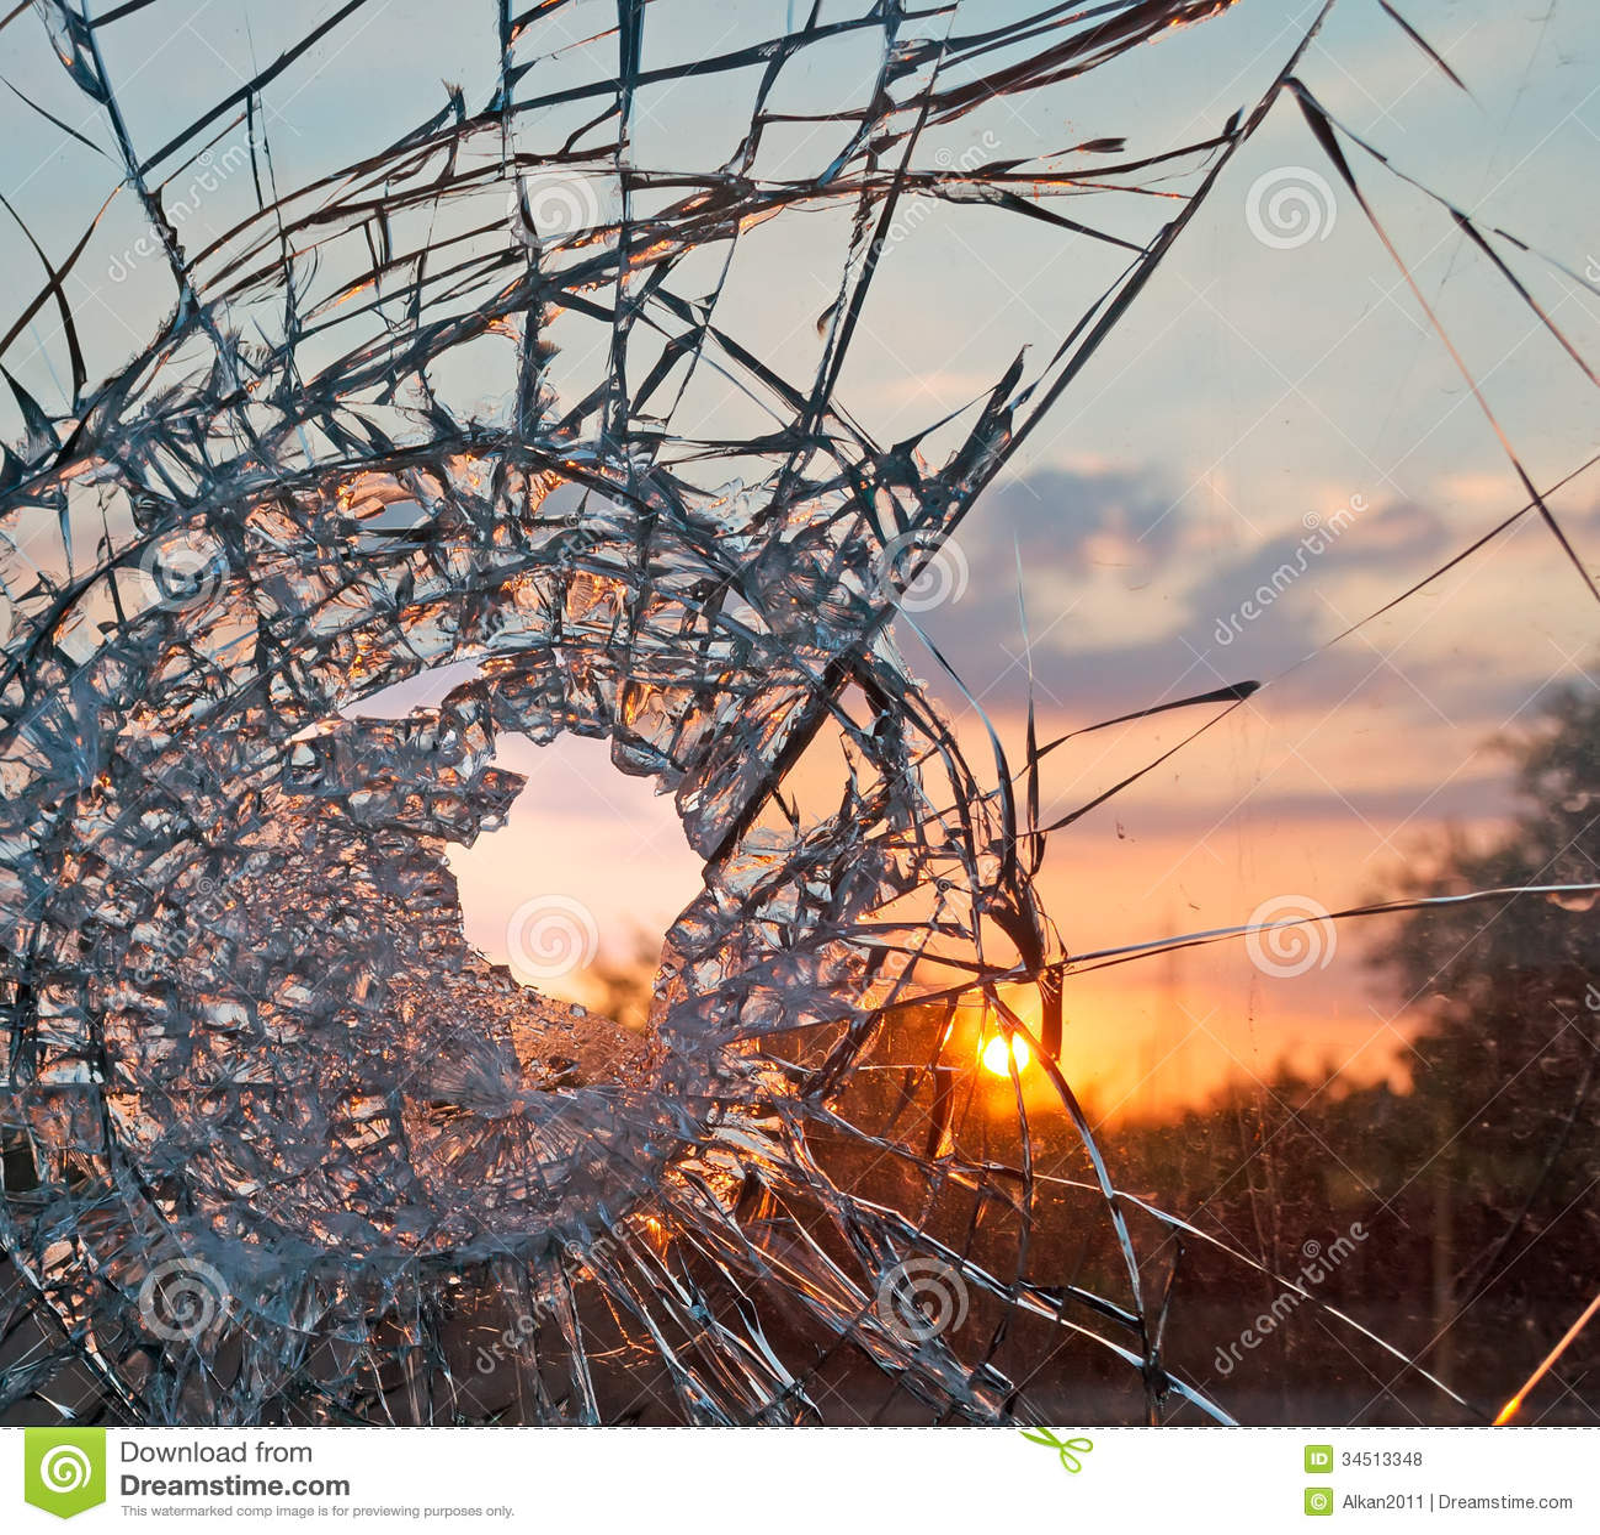 Broken Glass Sunset